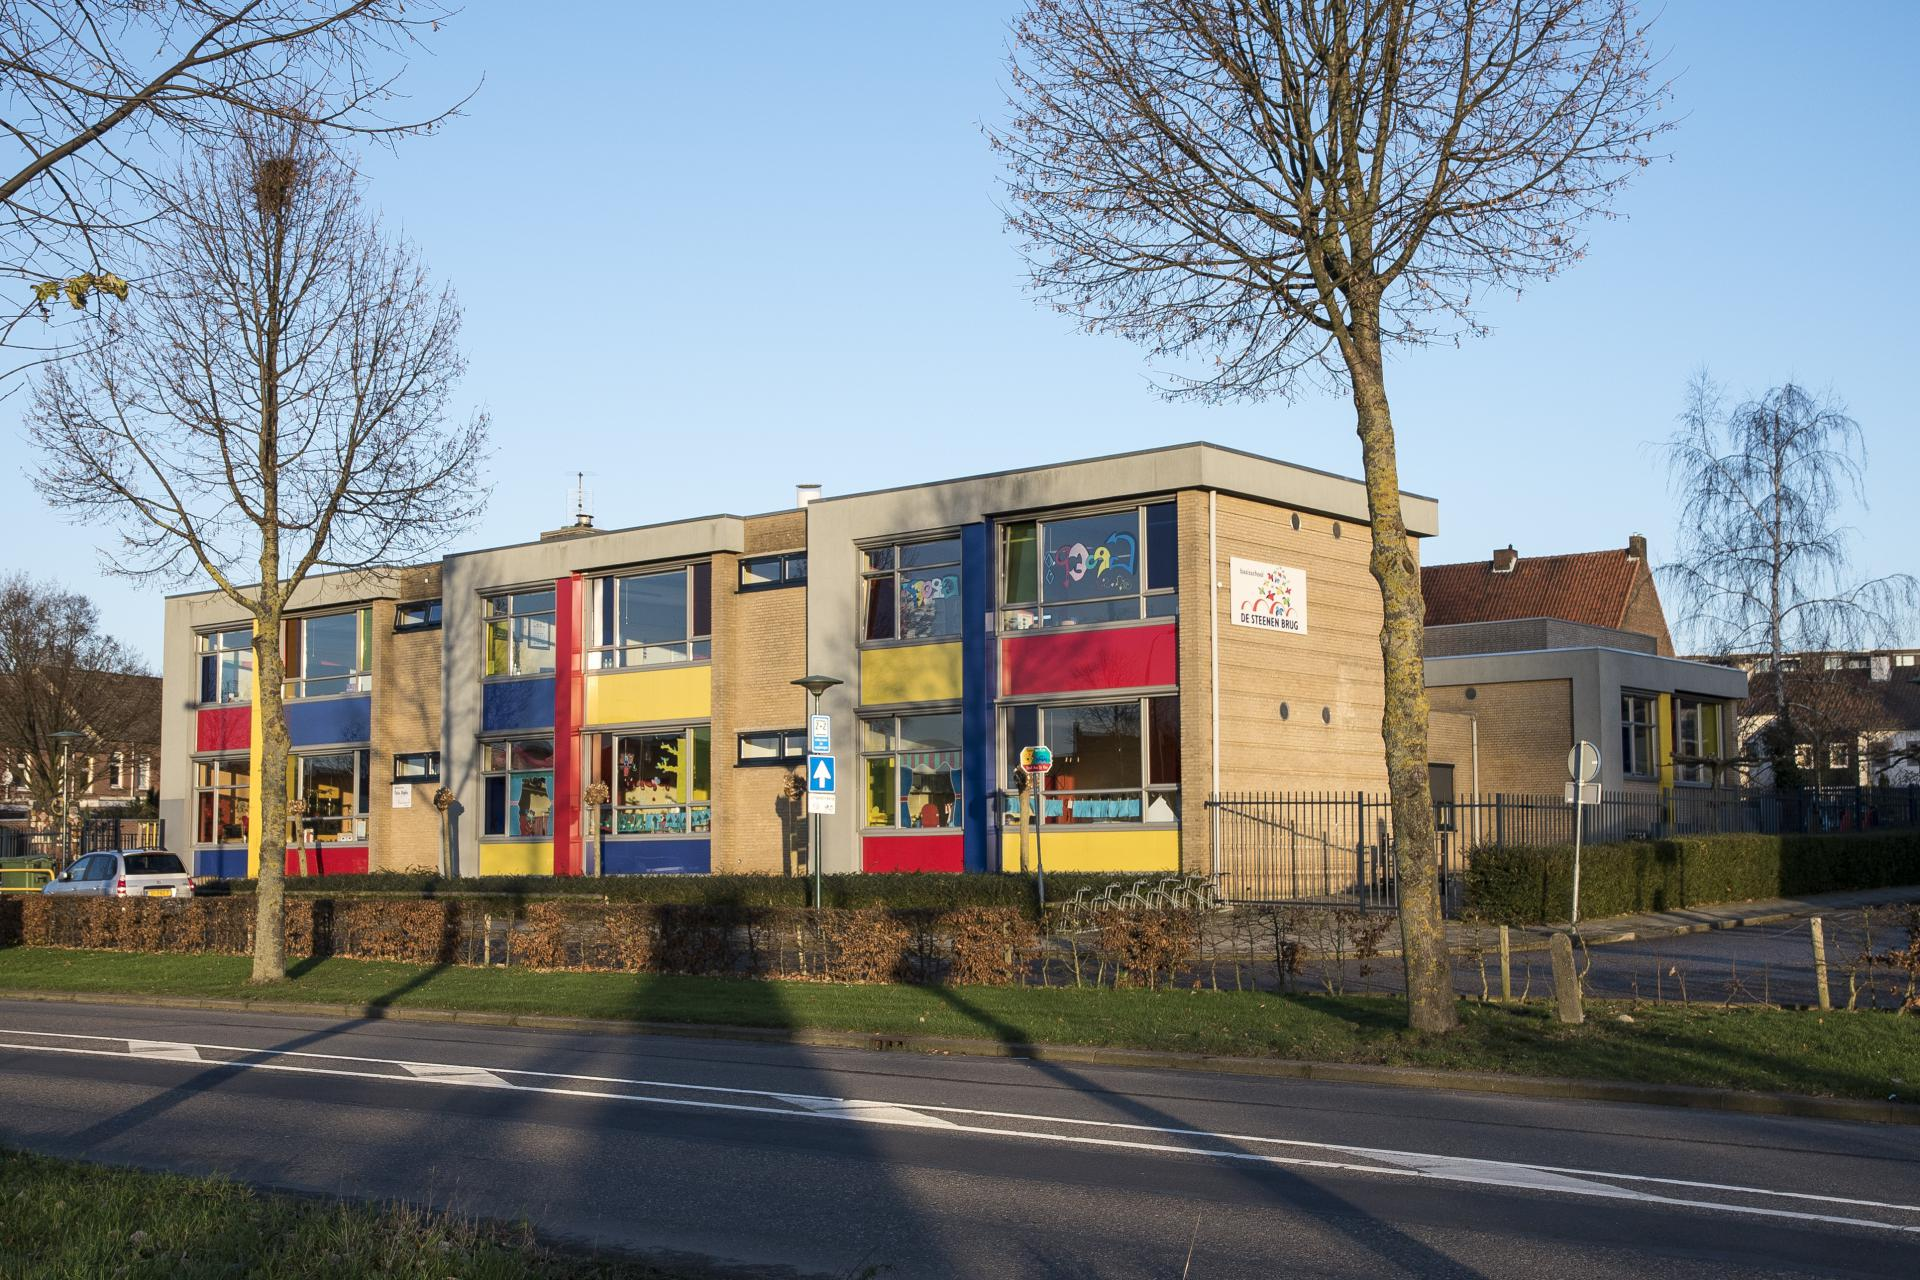 Basisschool De Steenen Brug is een echte stadsschool